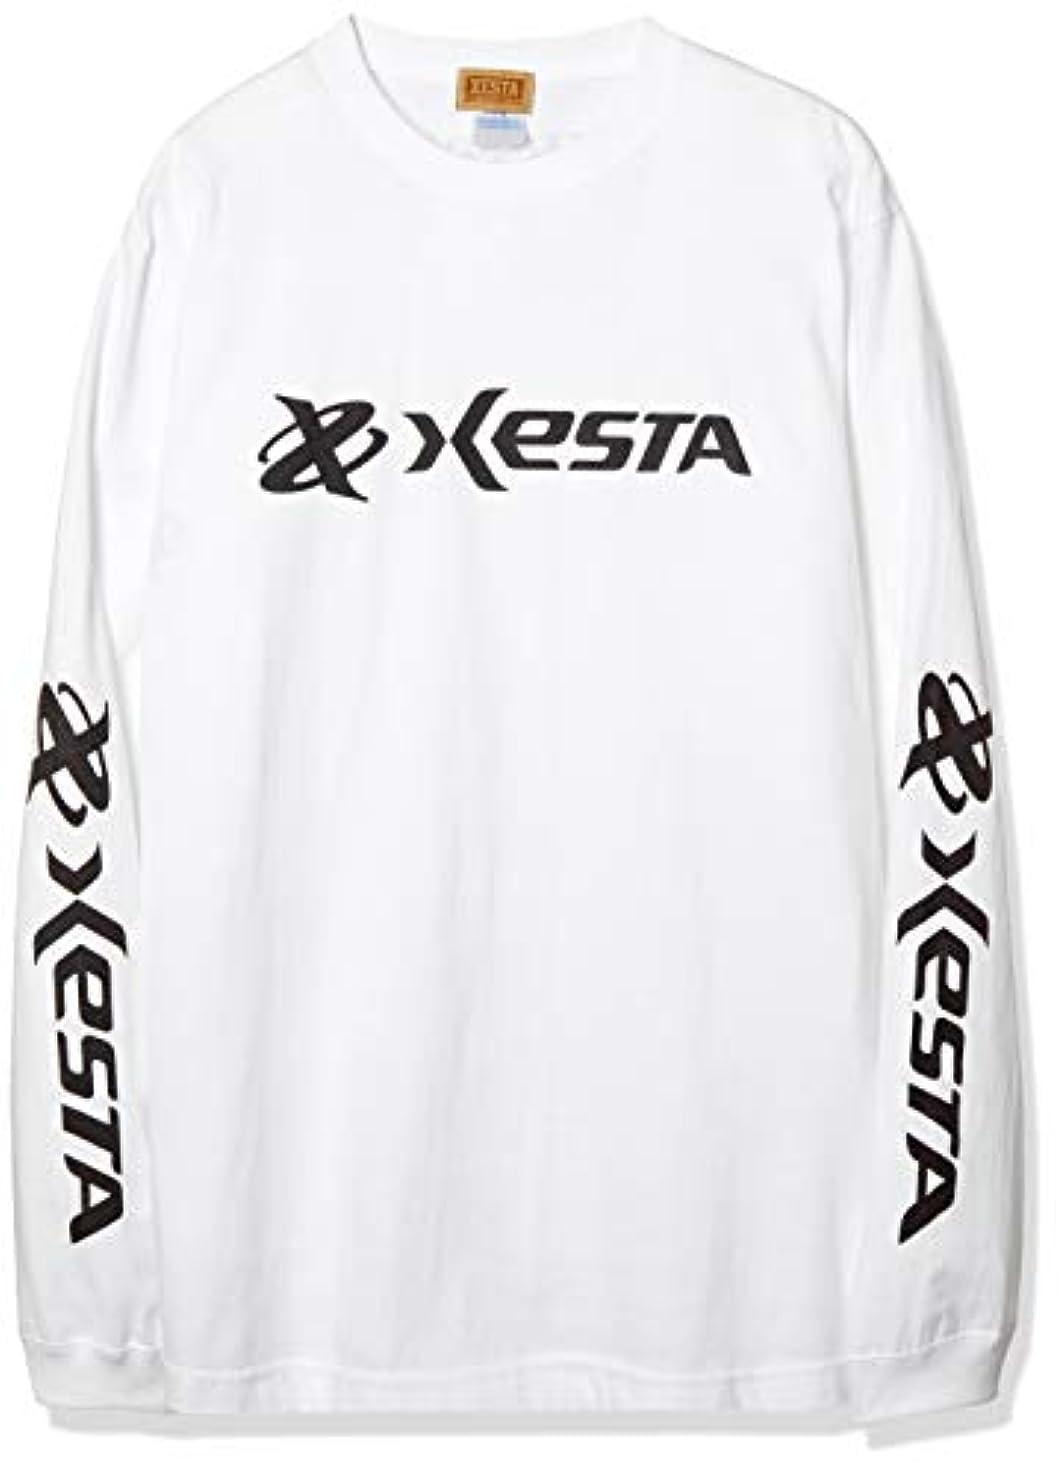 ゼスタ(XESTA) ロングスリーブ Tシャツ (オリジナルロゴ) ホワイト L